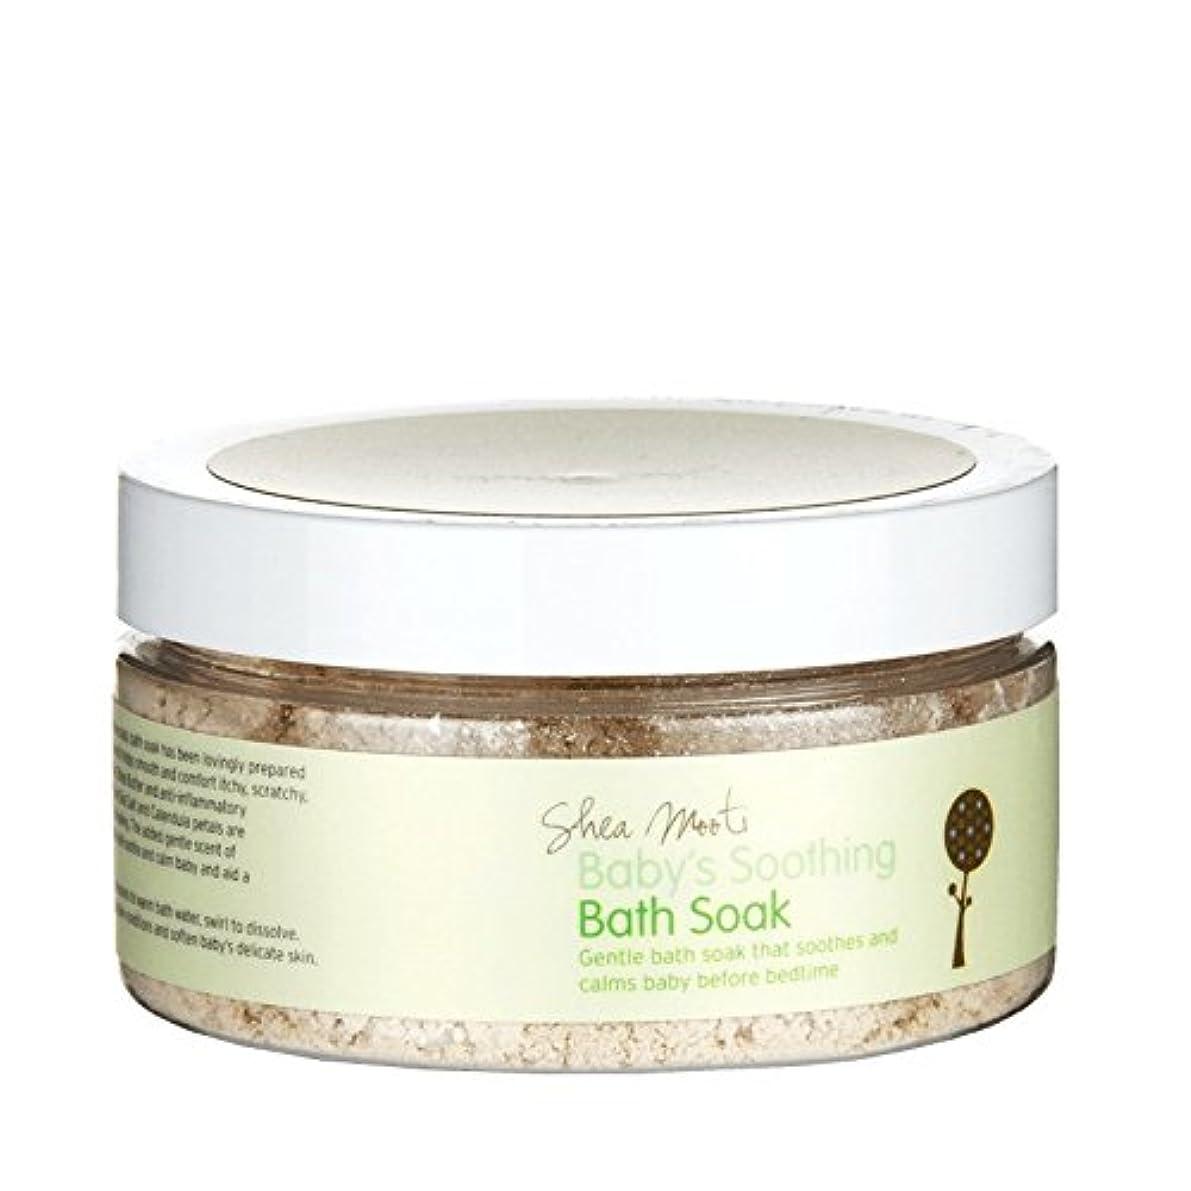 趣味なぞらえる作家Shea Mooti Baby's Soothing Bath Soak 130g (Pack of 2) - シアバターMooti赤ちゃんの癒しのお風呂は、130グラムを浸し (x2) [並行輸入品]